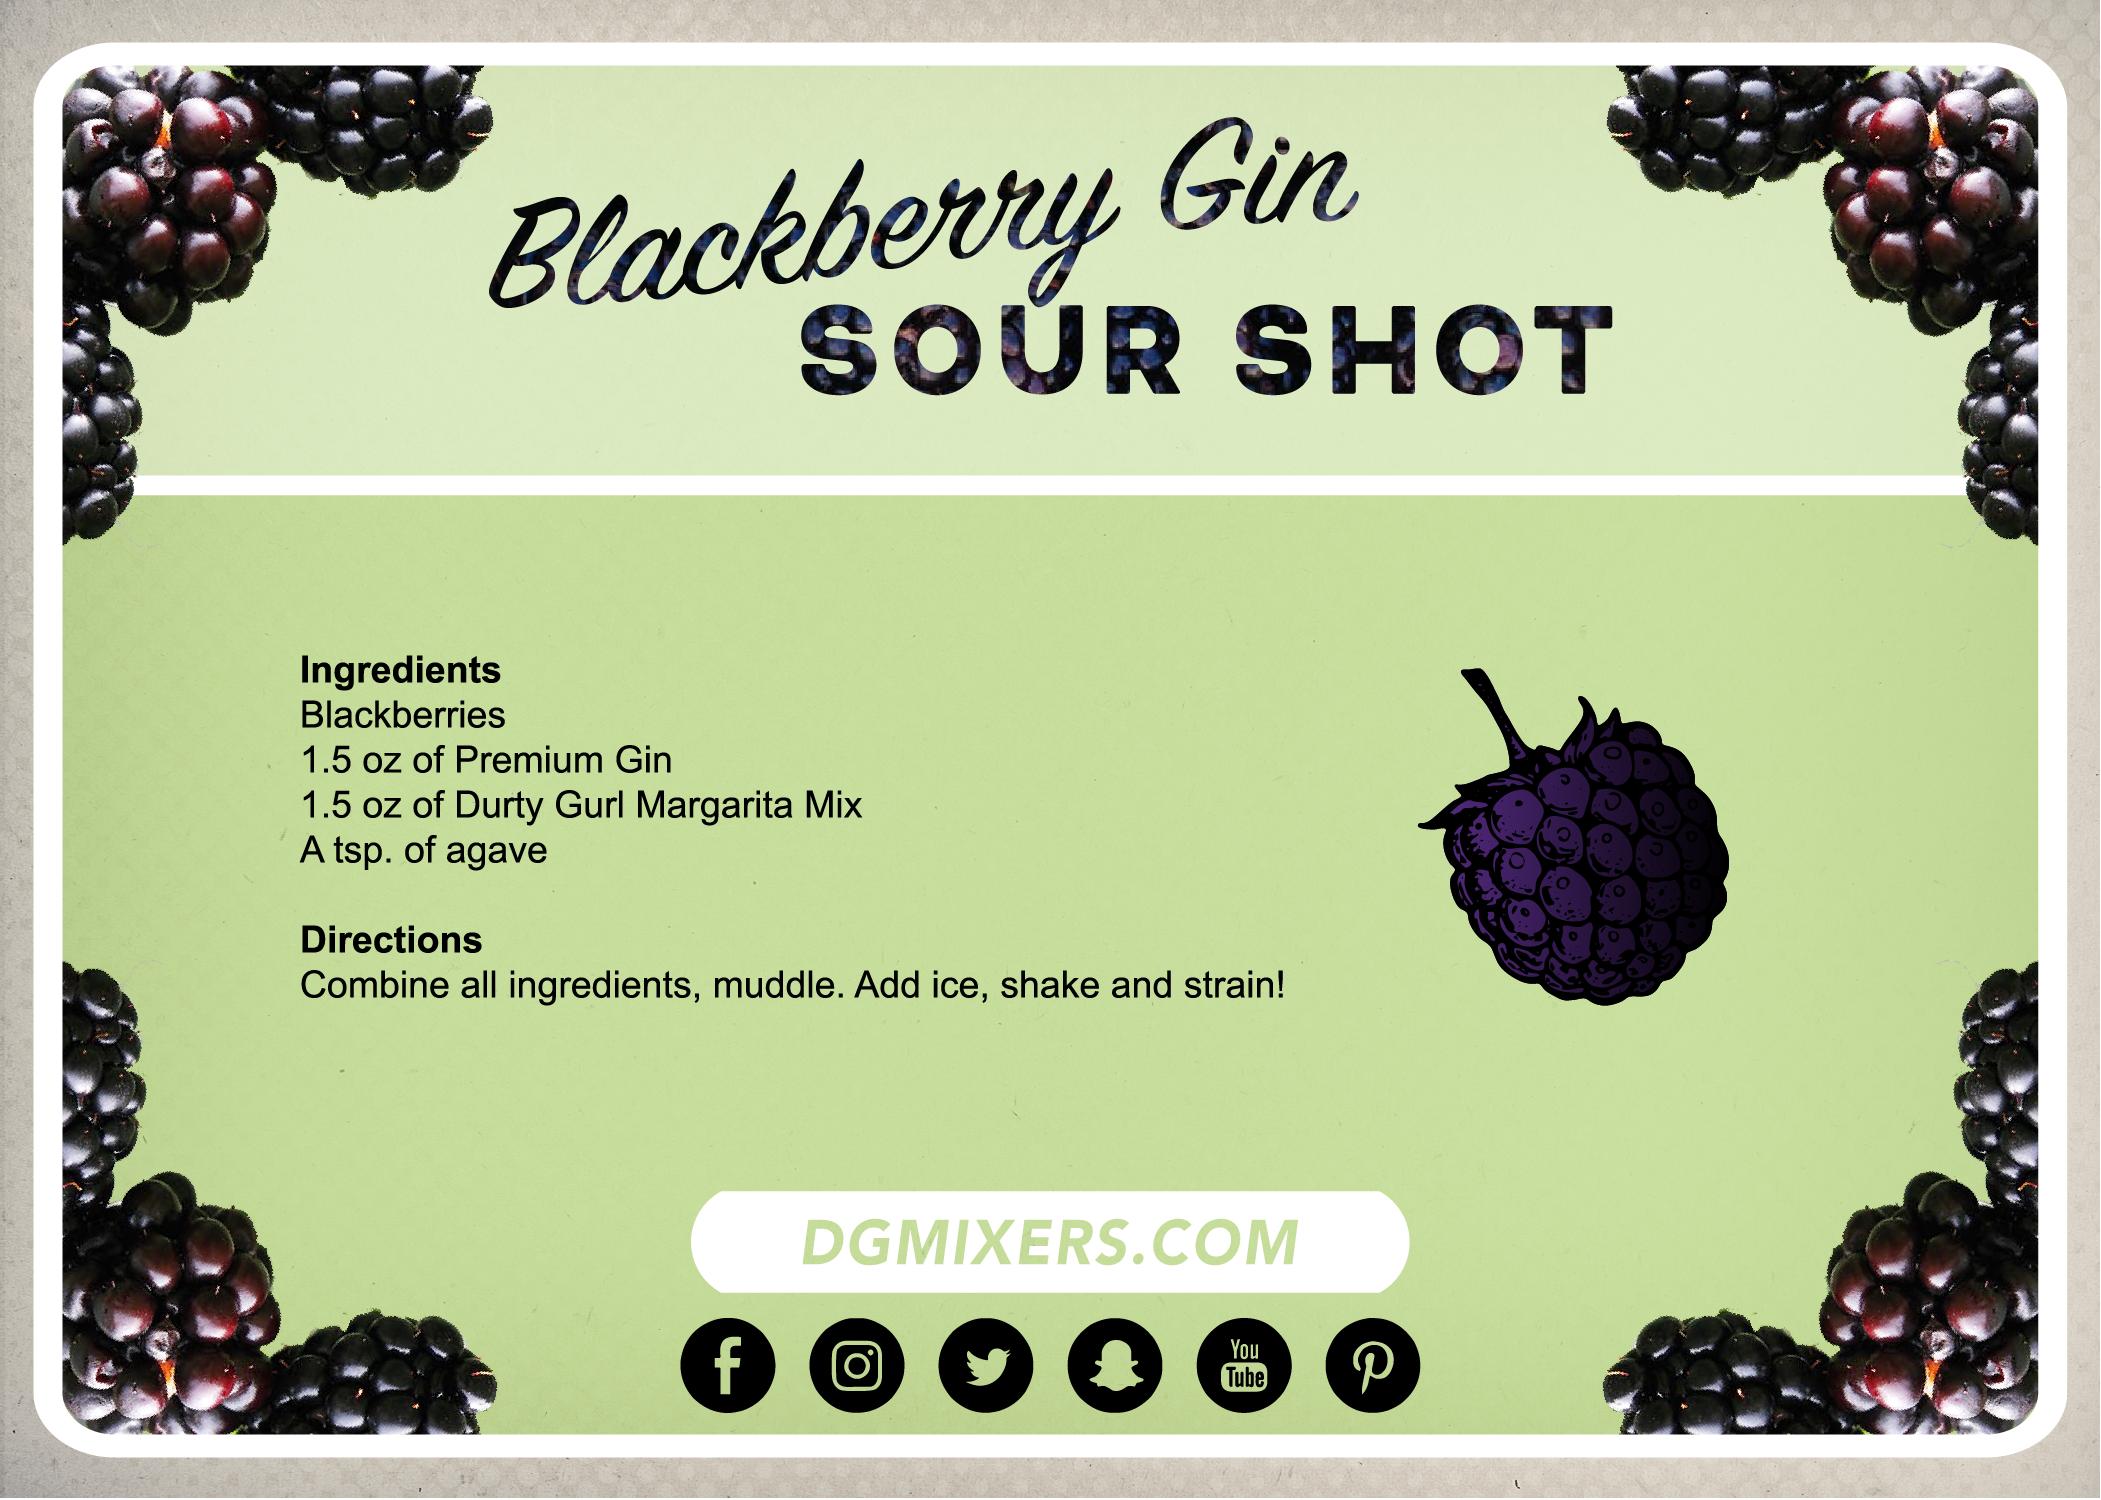 BlackberryGinSourShot-02.png